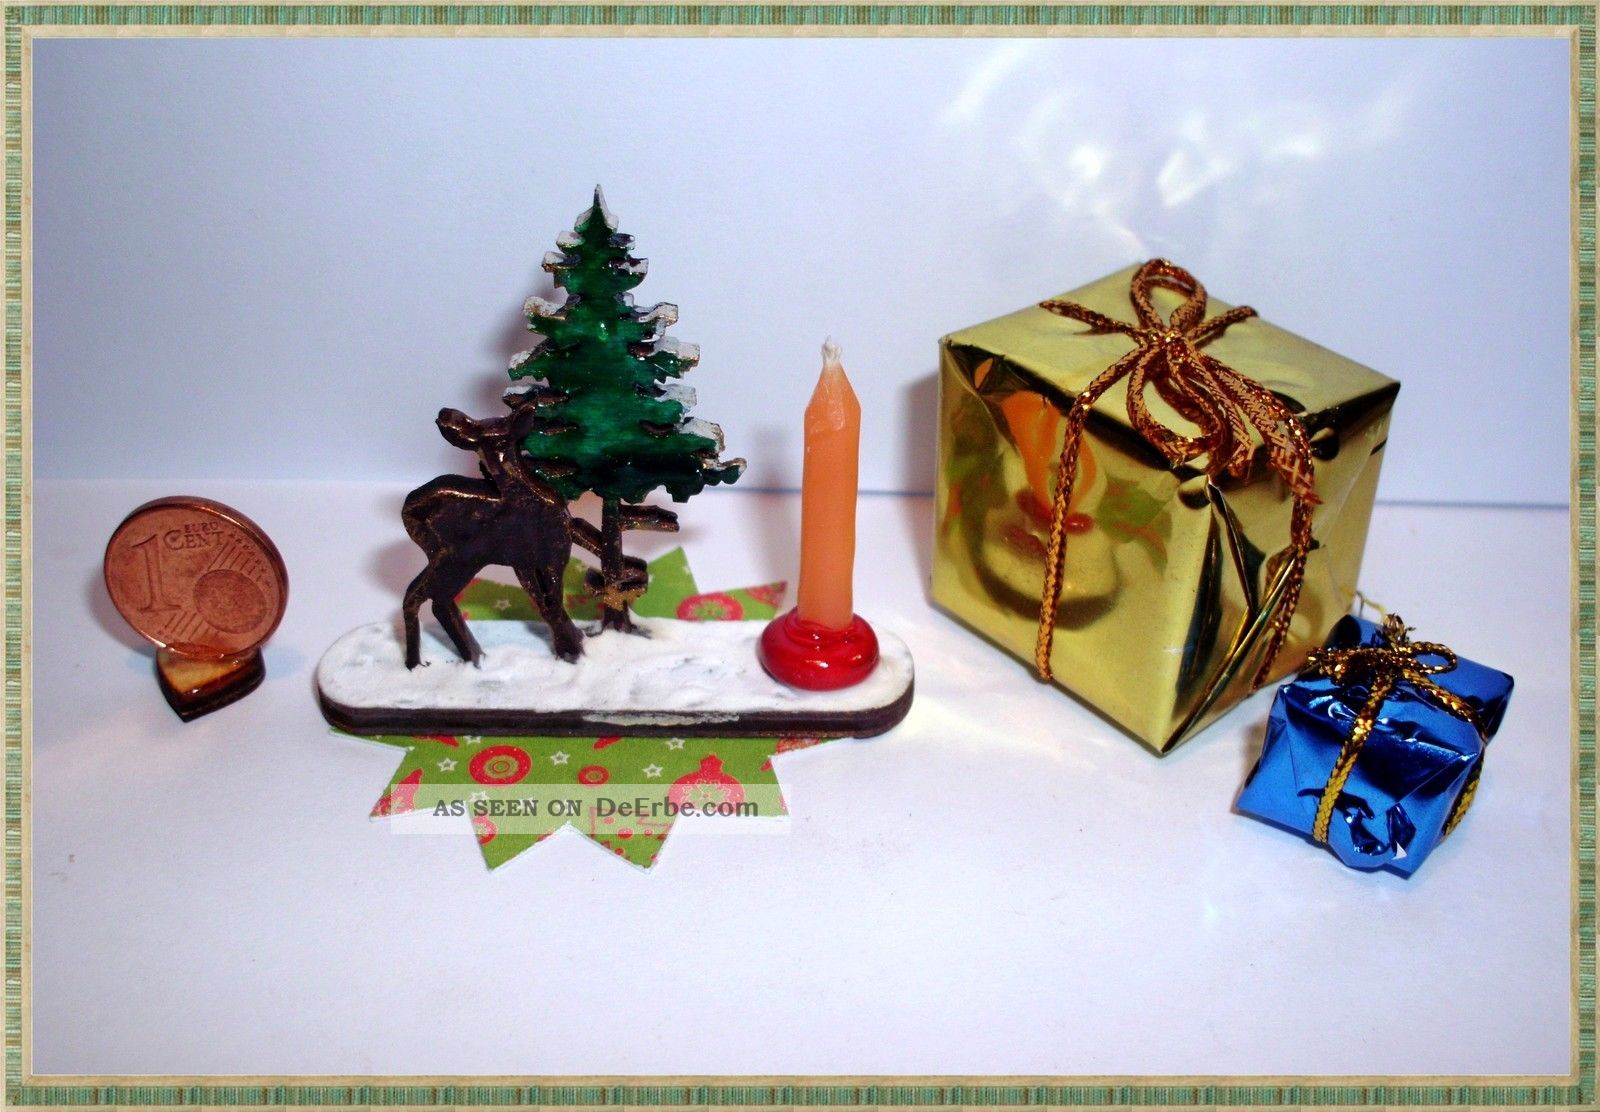 Kerzenhalter reh mit tannenbaum weihnachtsdeko handarbeit f puppenstube 1 12 10 - Tannenbaum kerzenhalter ...